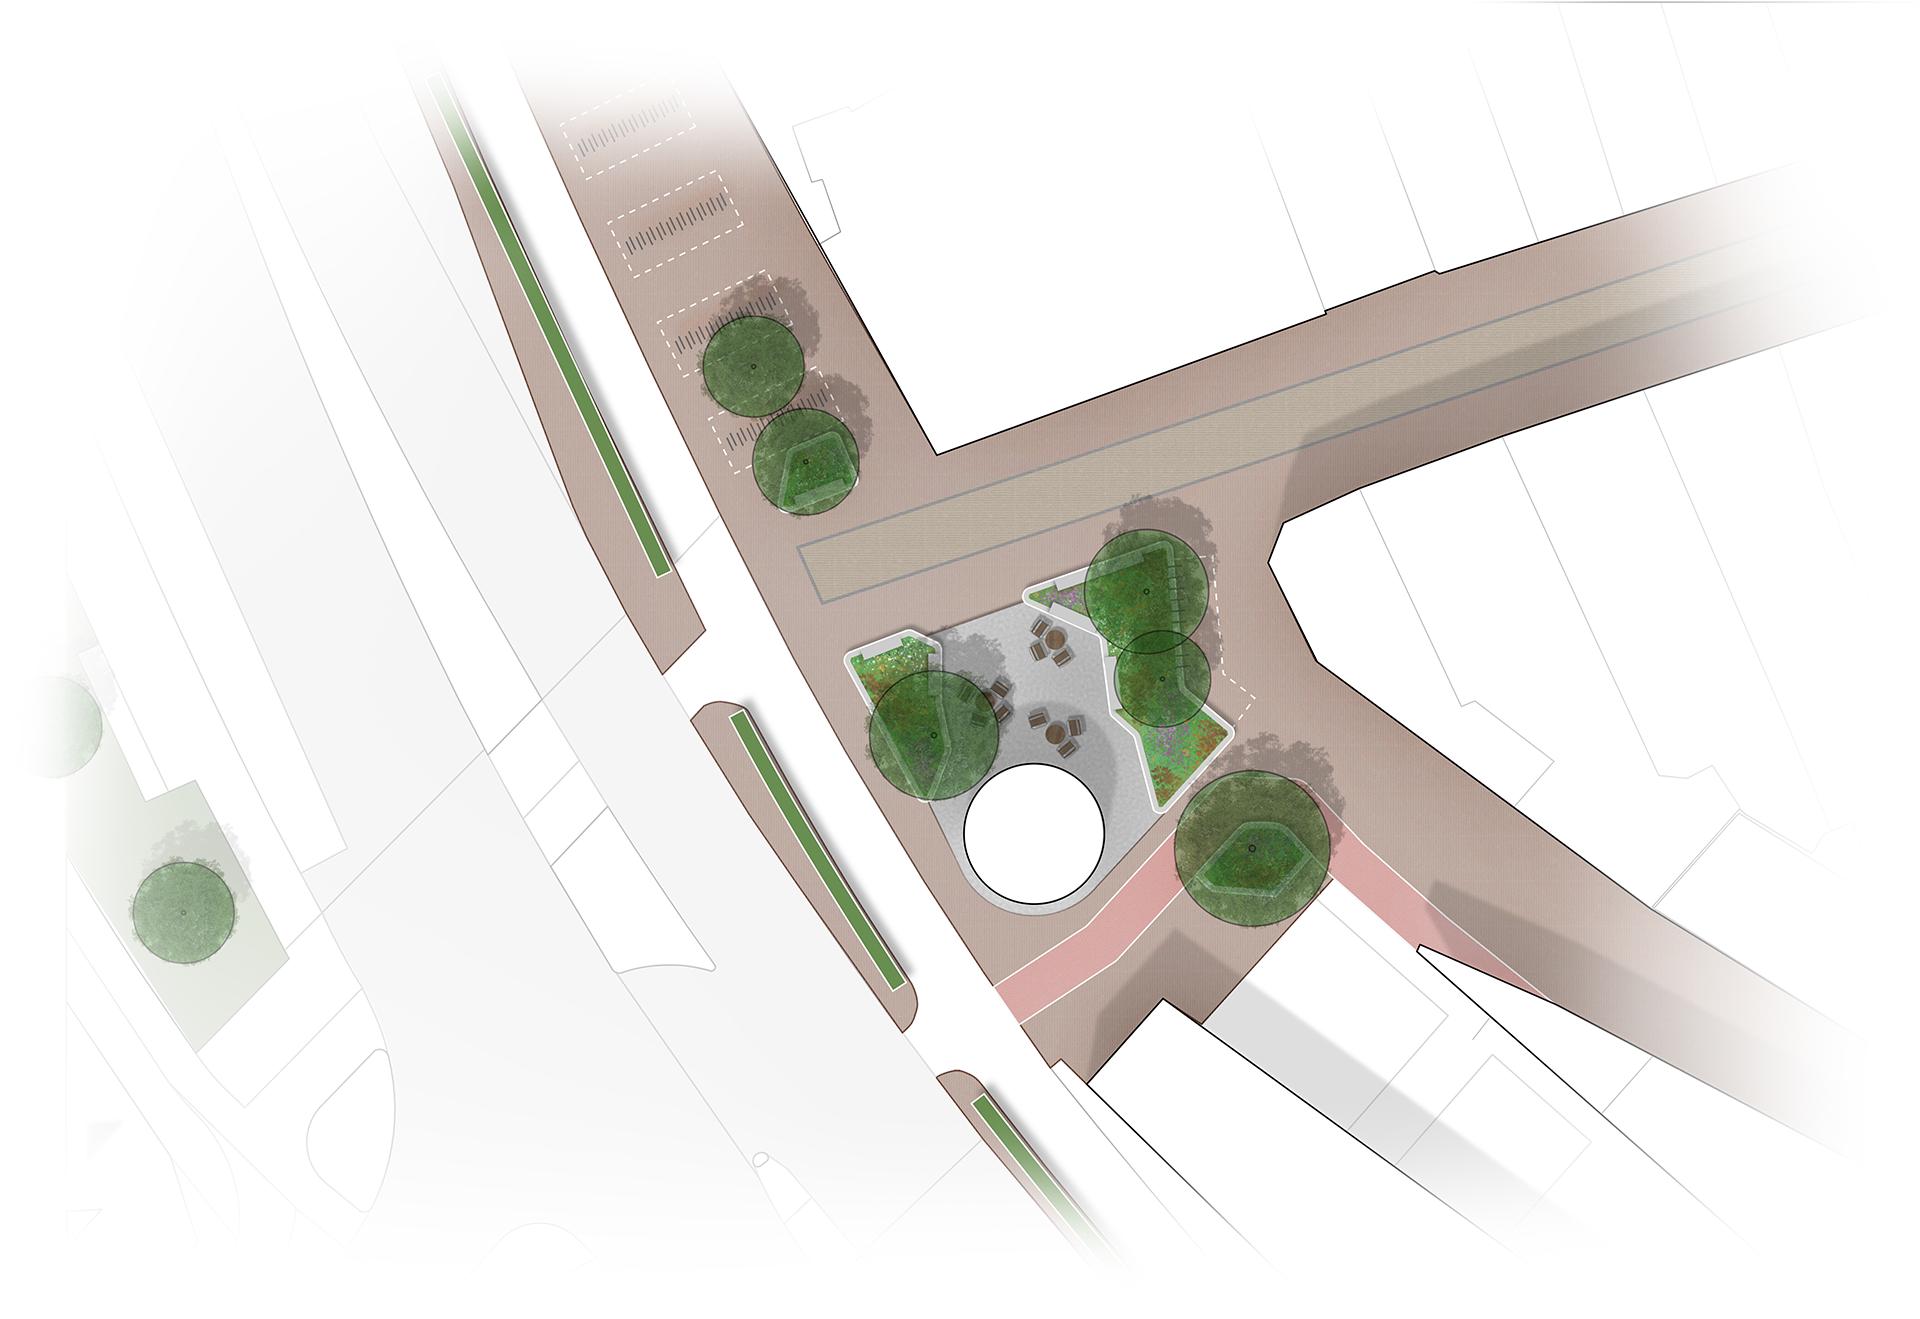 Inrichtingsvoorstel plein Utrechtsestraat Amersfoort